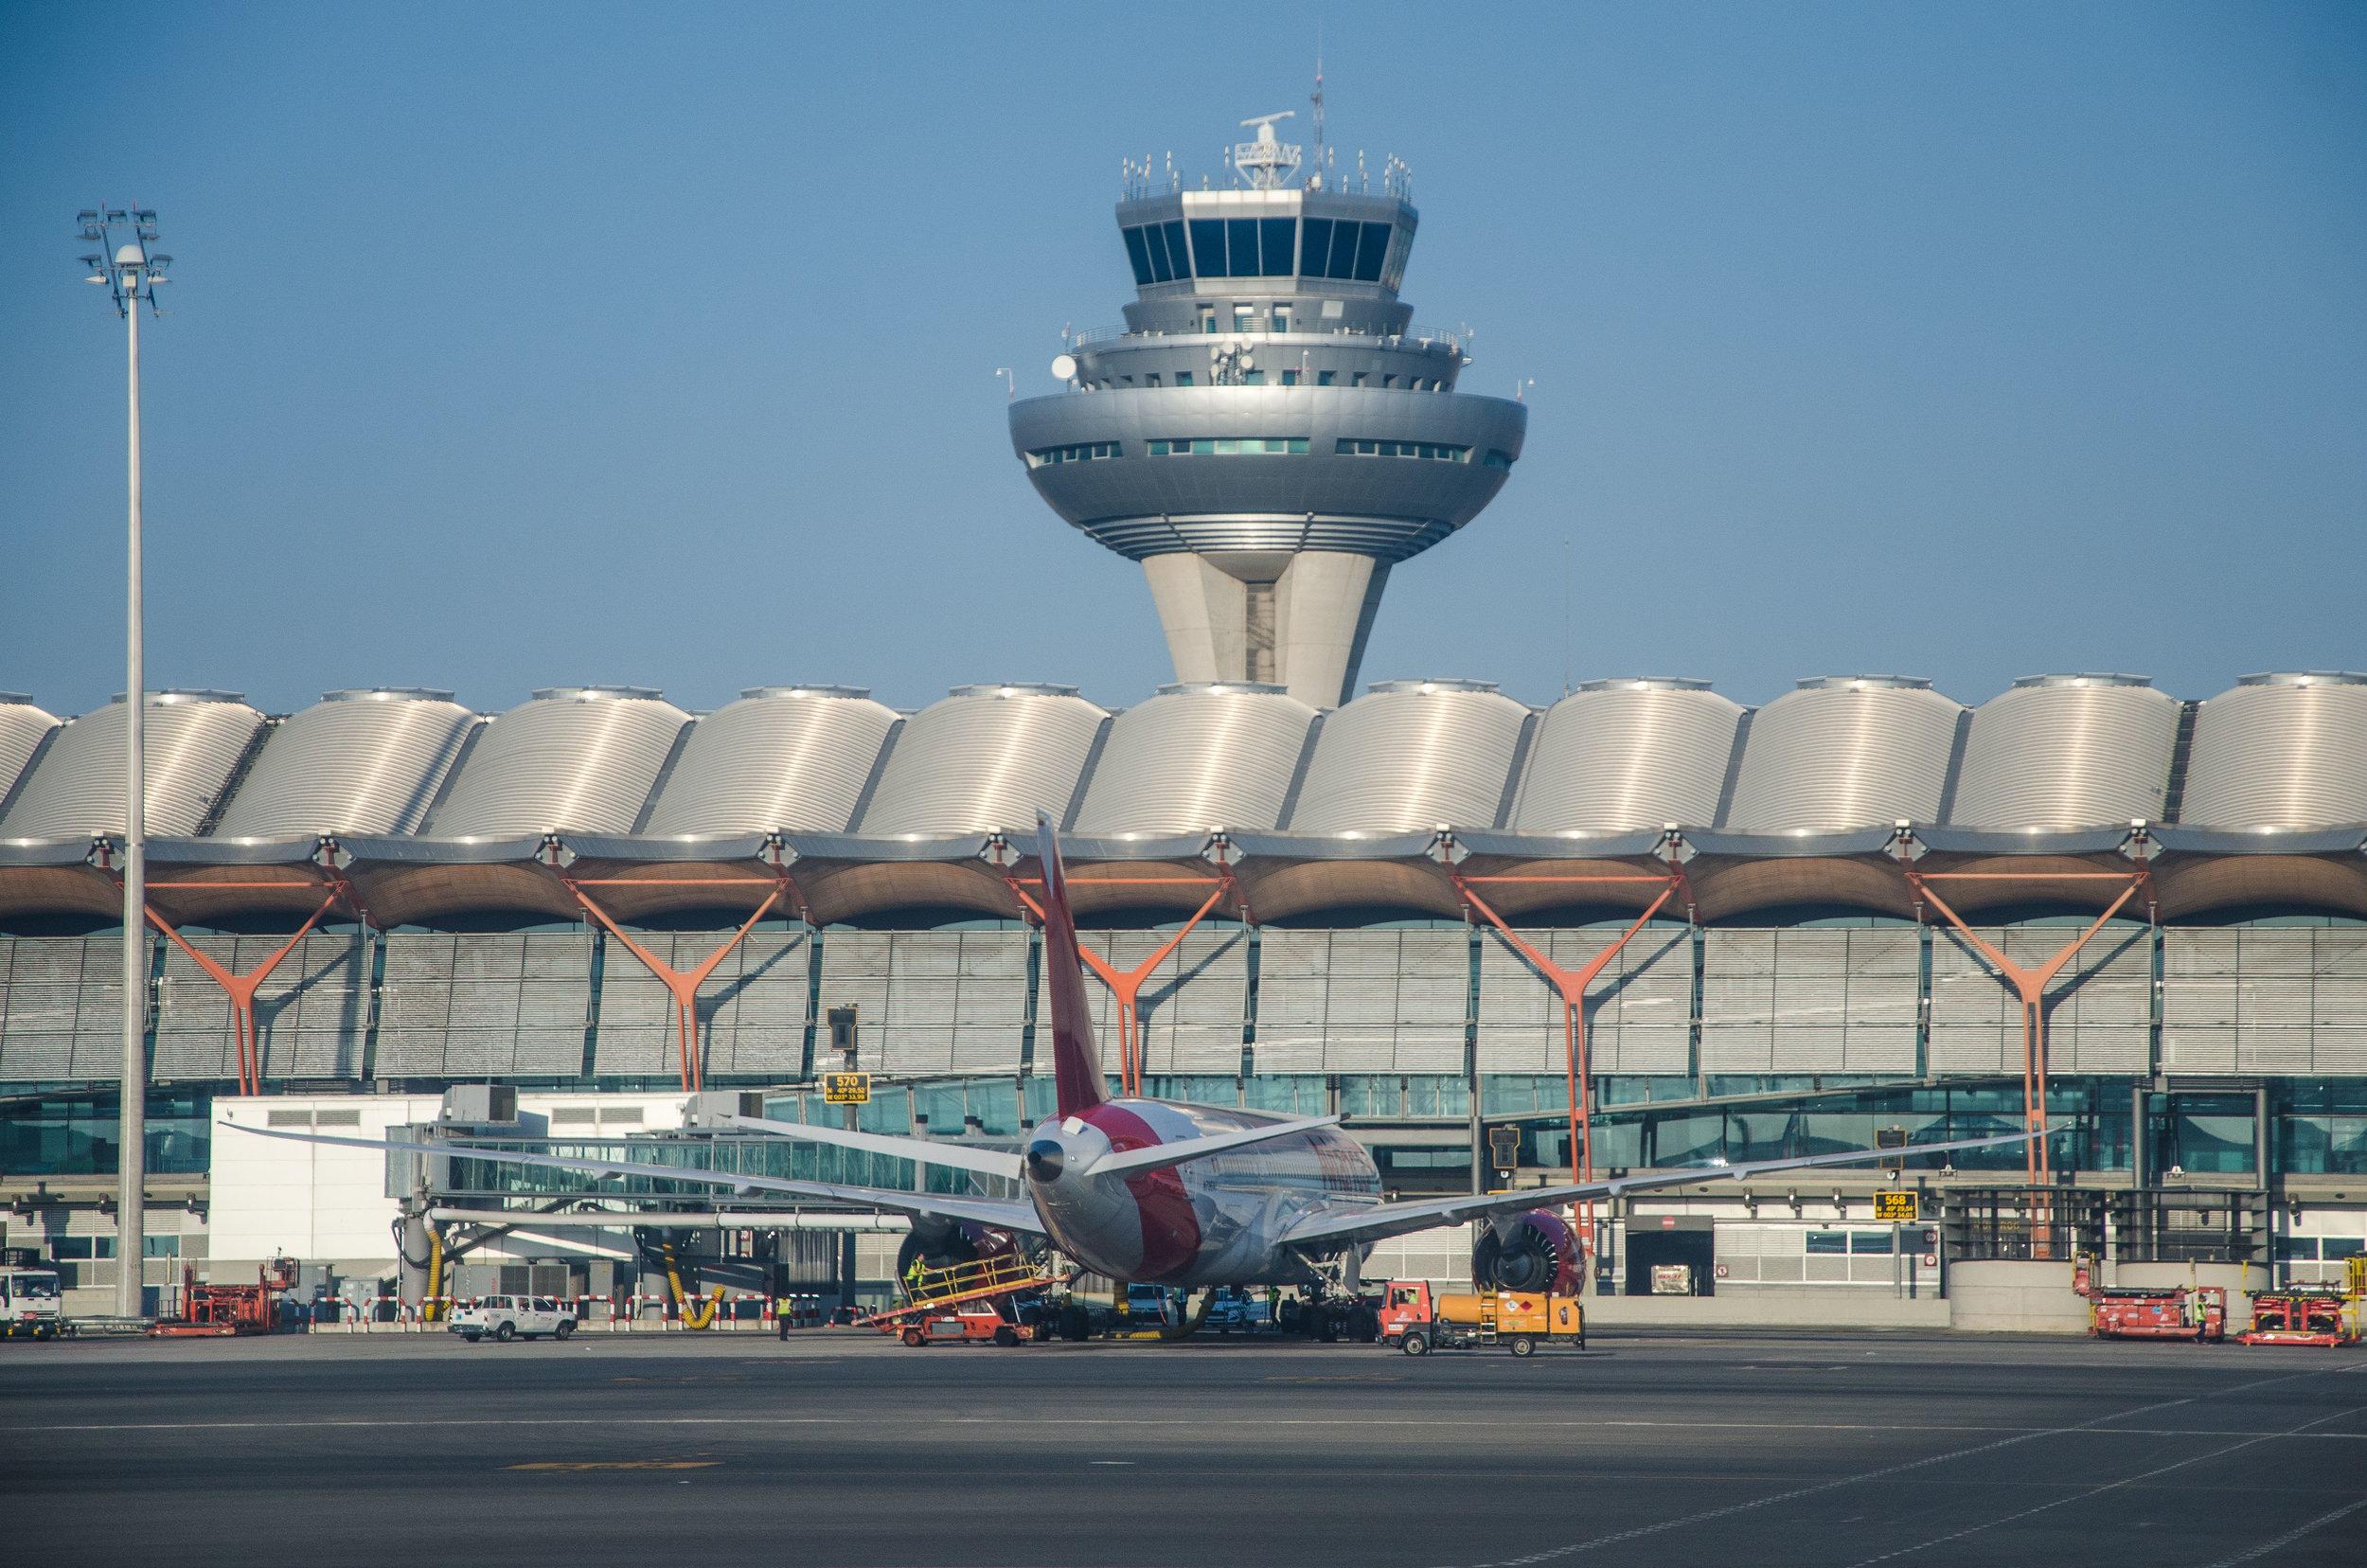 Madrid Adolfo Suarez Barajas Airport Terminal 4S